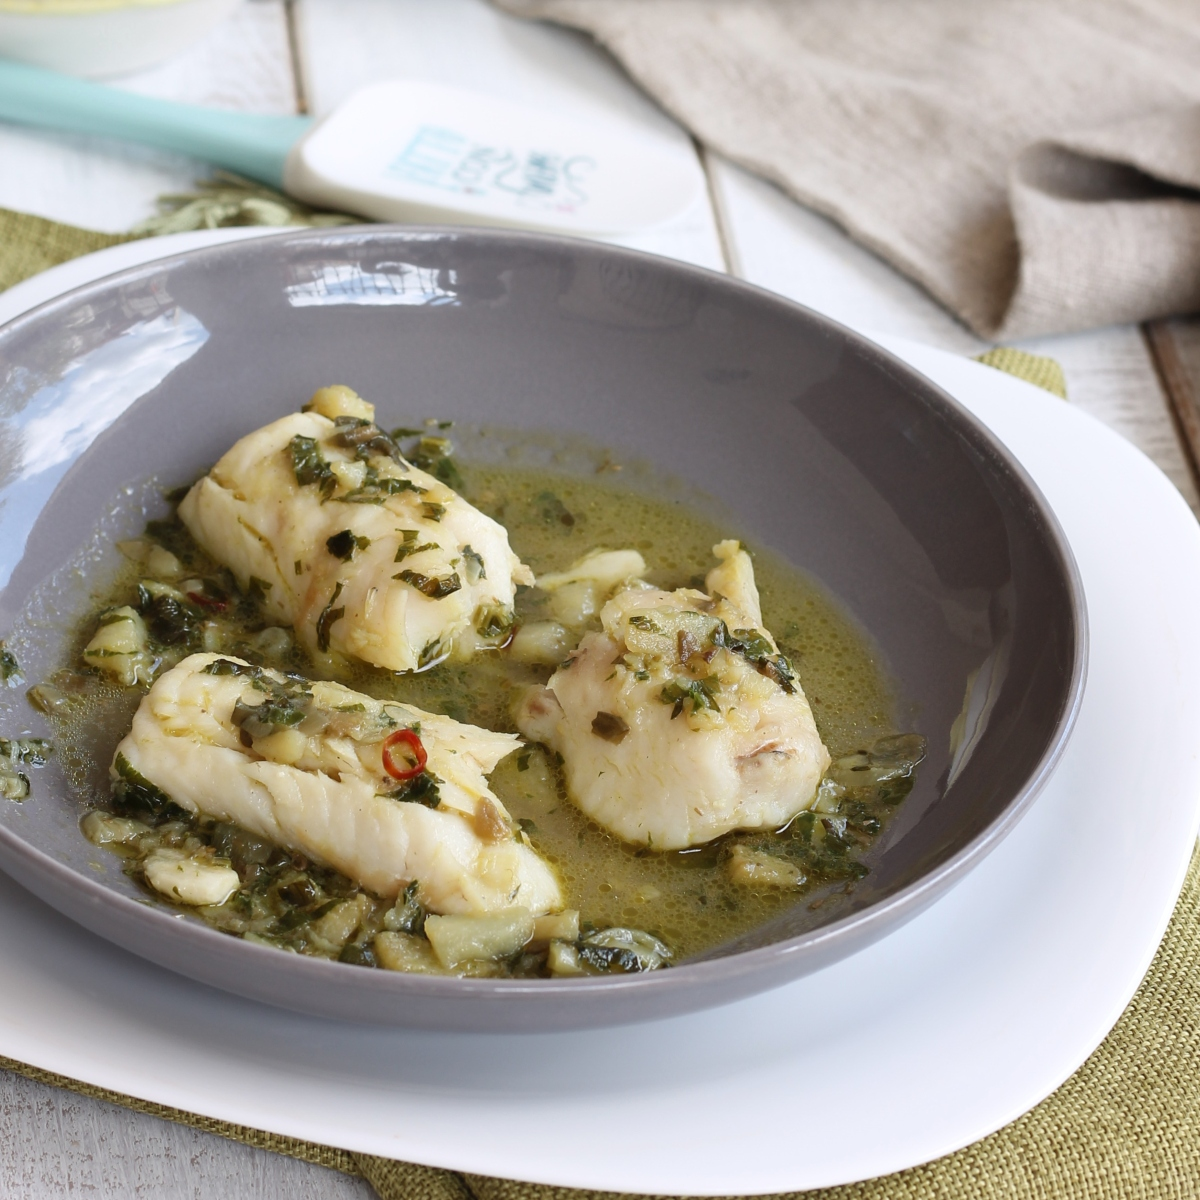 RICETTA MERLUZZO ALL'ISTRIANA secondo piatto cucina tipica dalmata